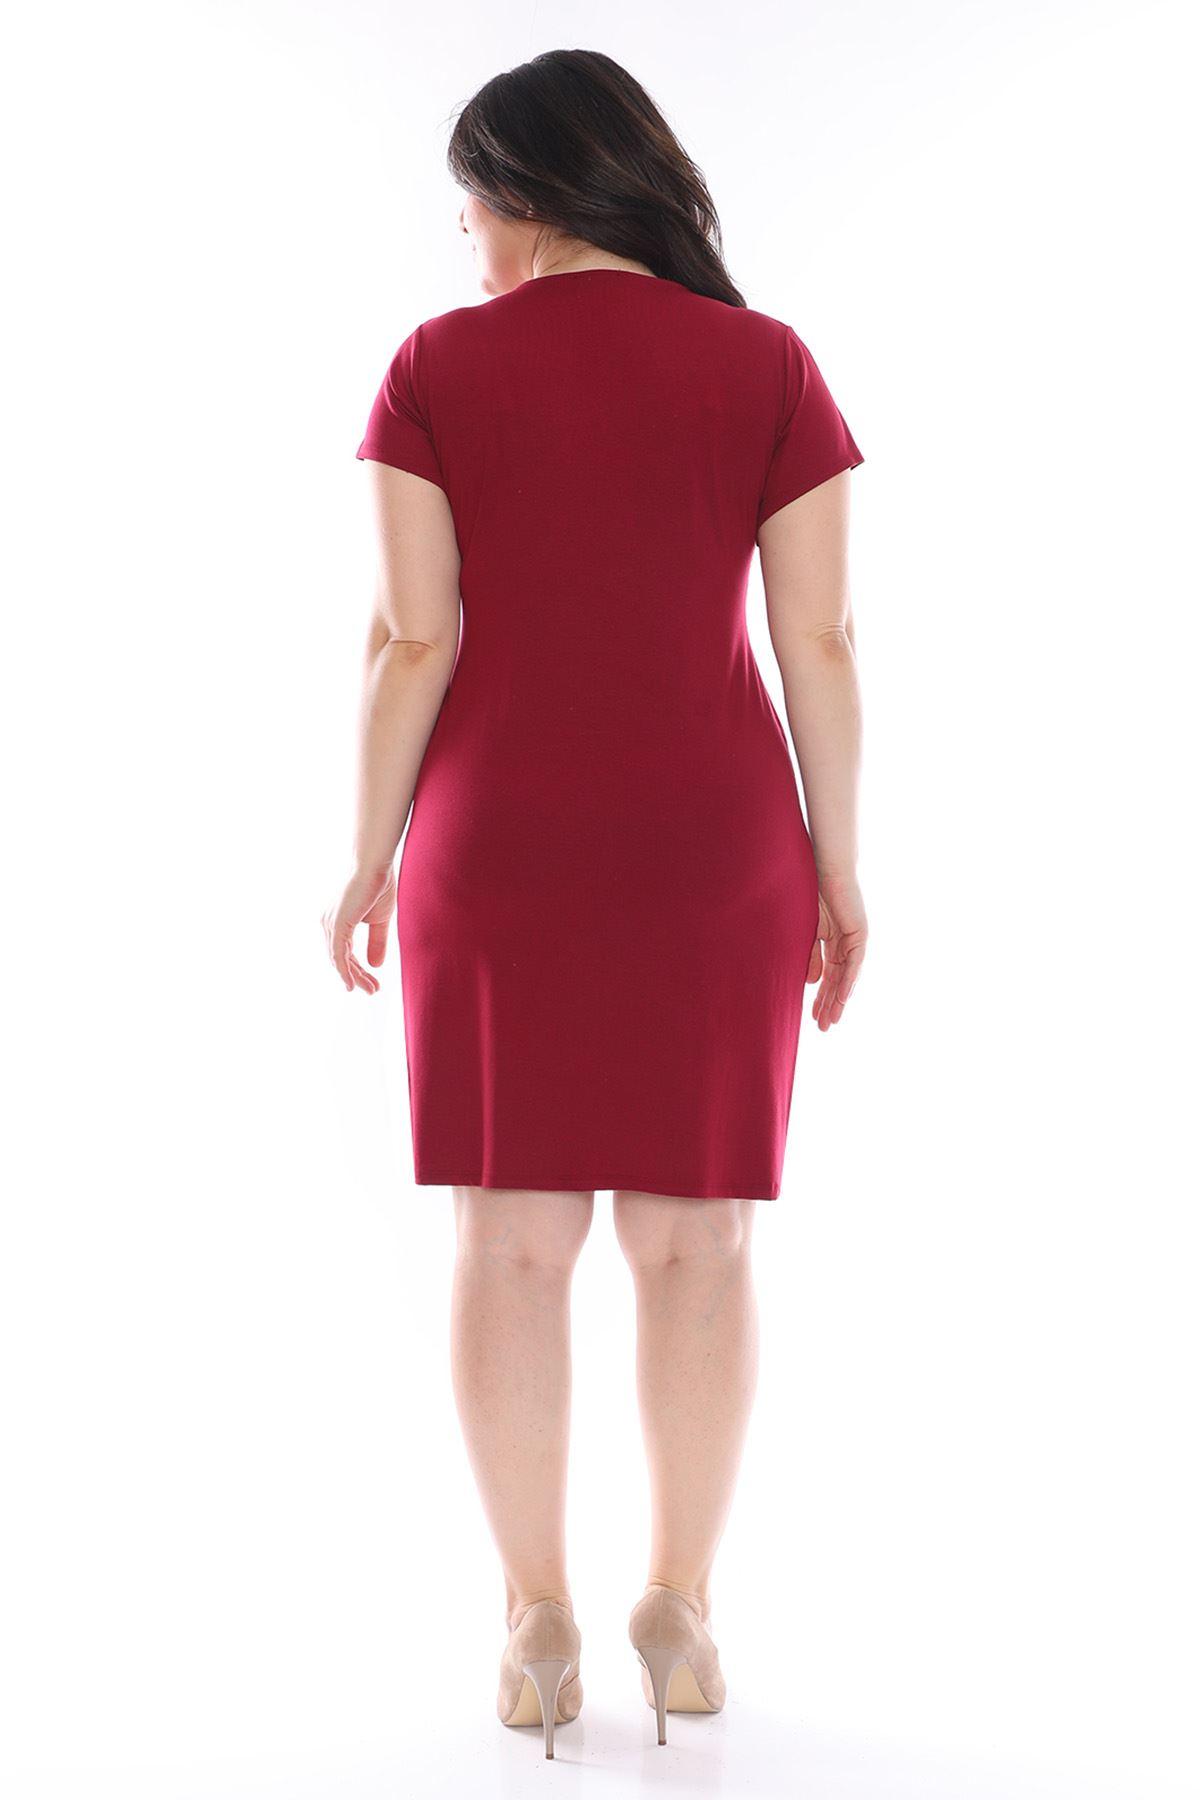 Bordo Kruvaze Büyük Beden Elbise 25B-0973